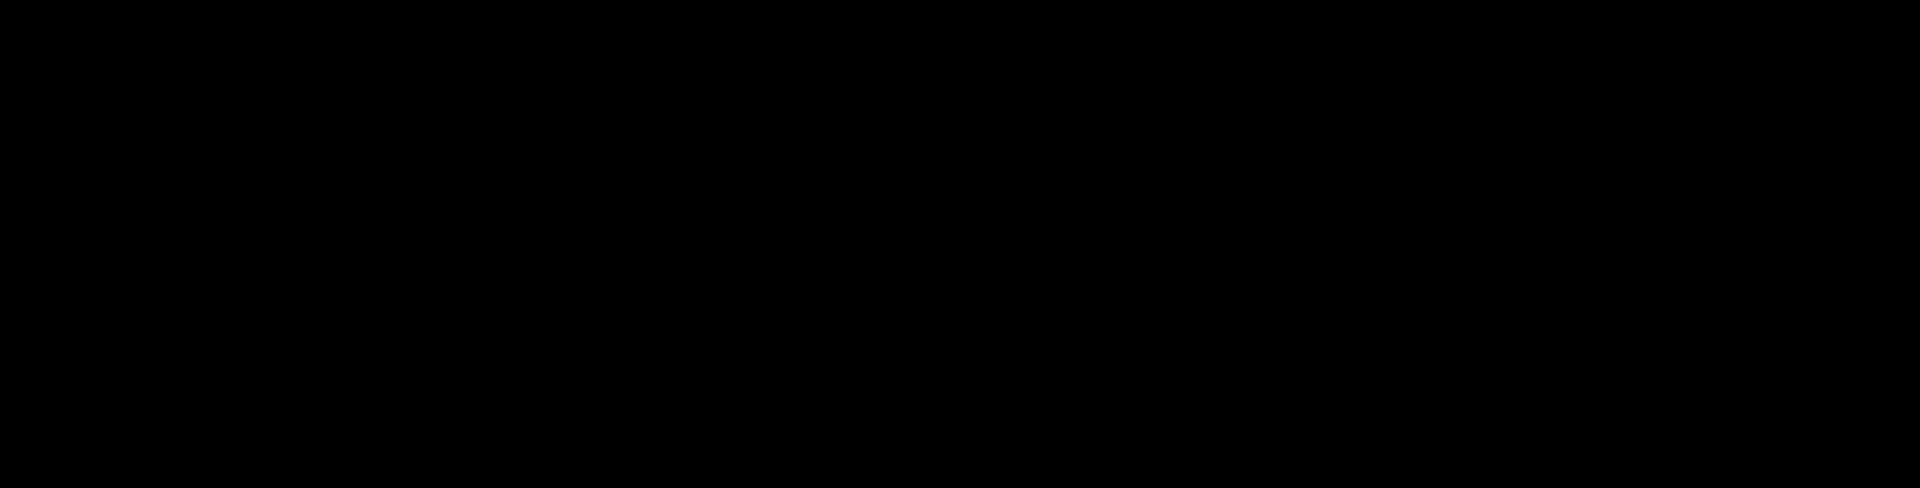 1stdibs-logo-no-trademark.png